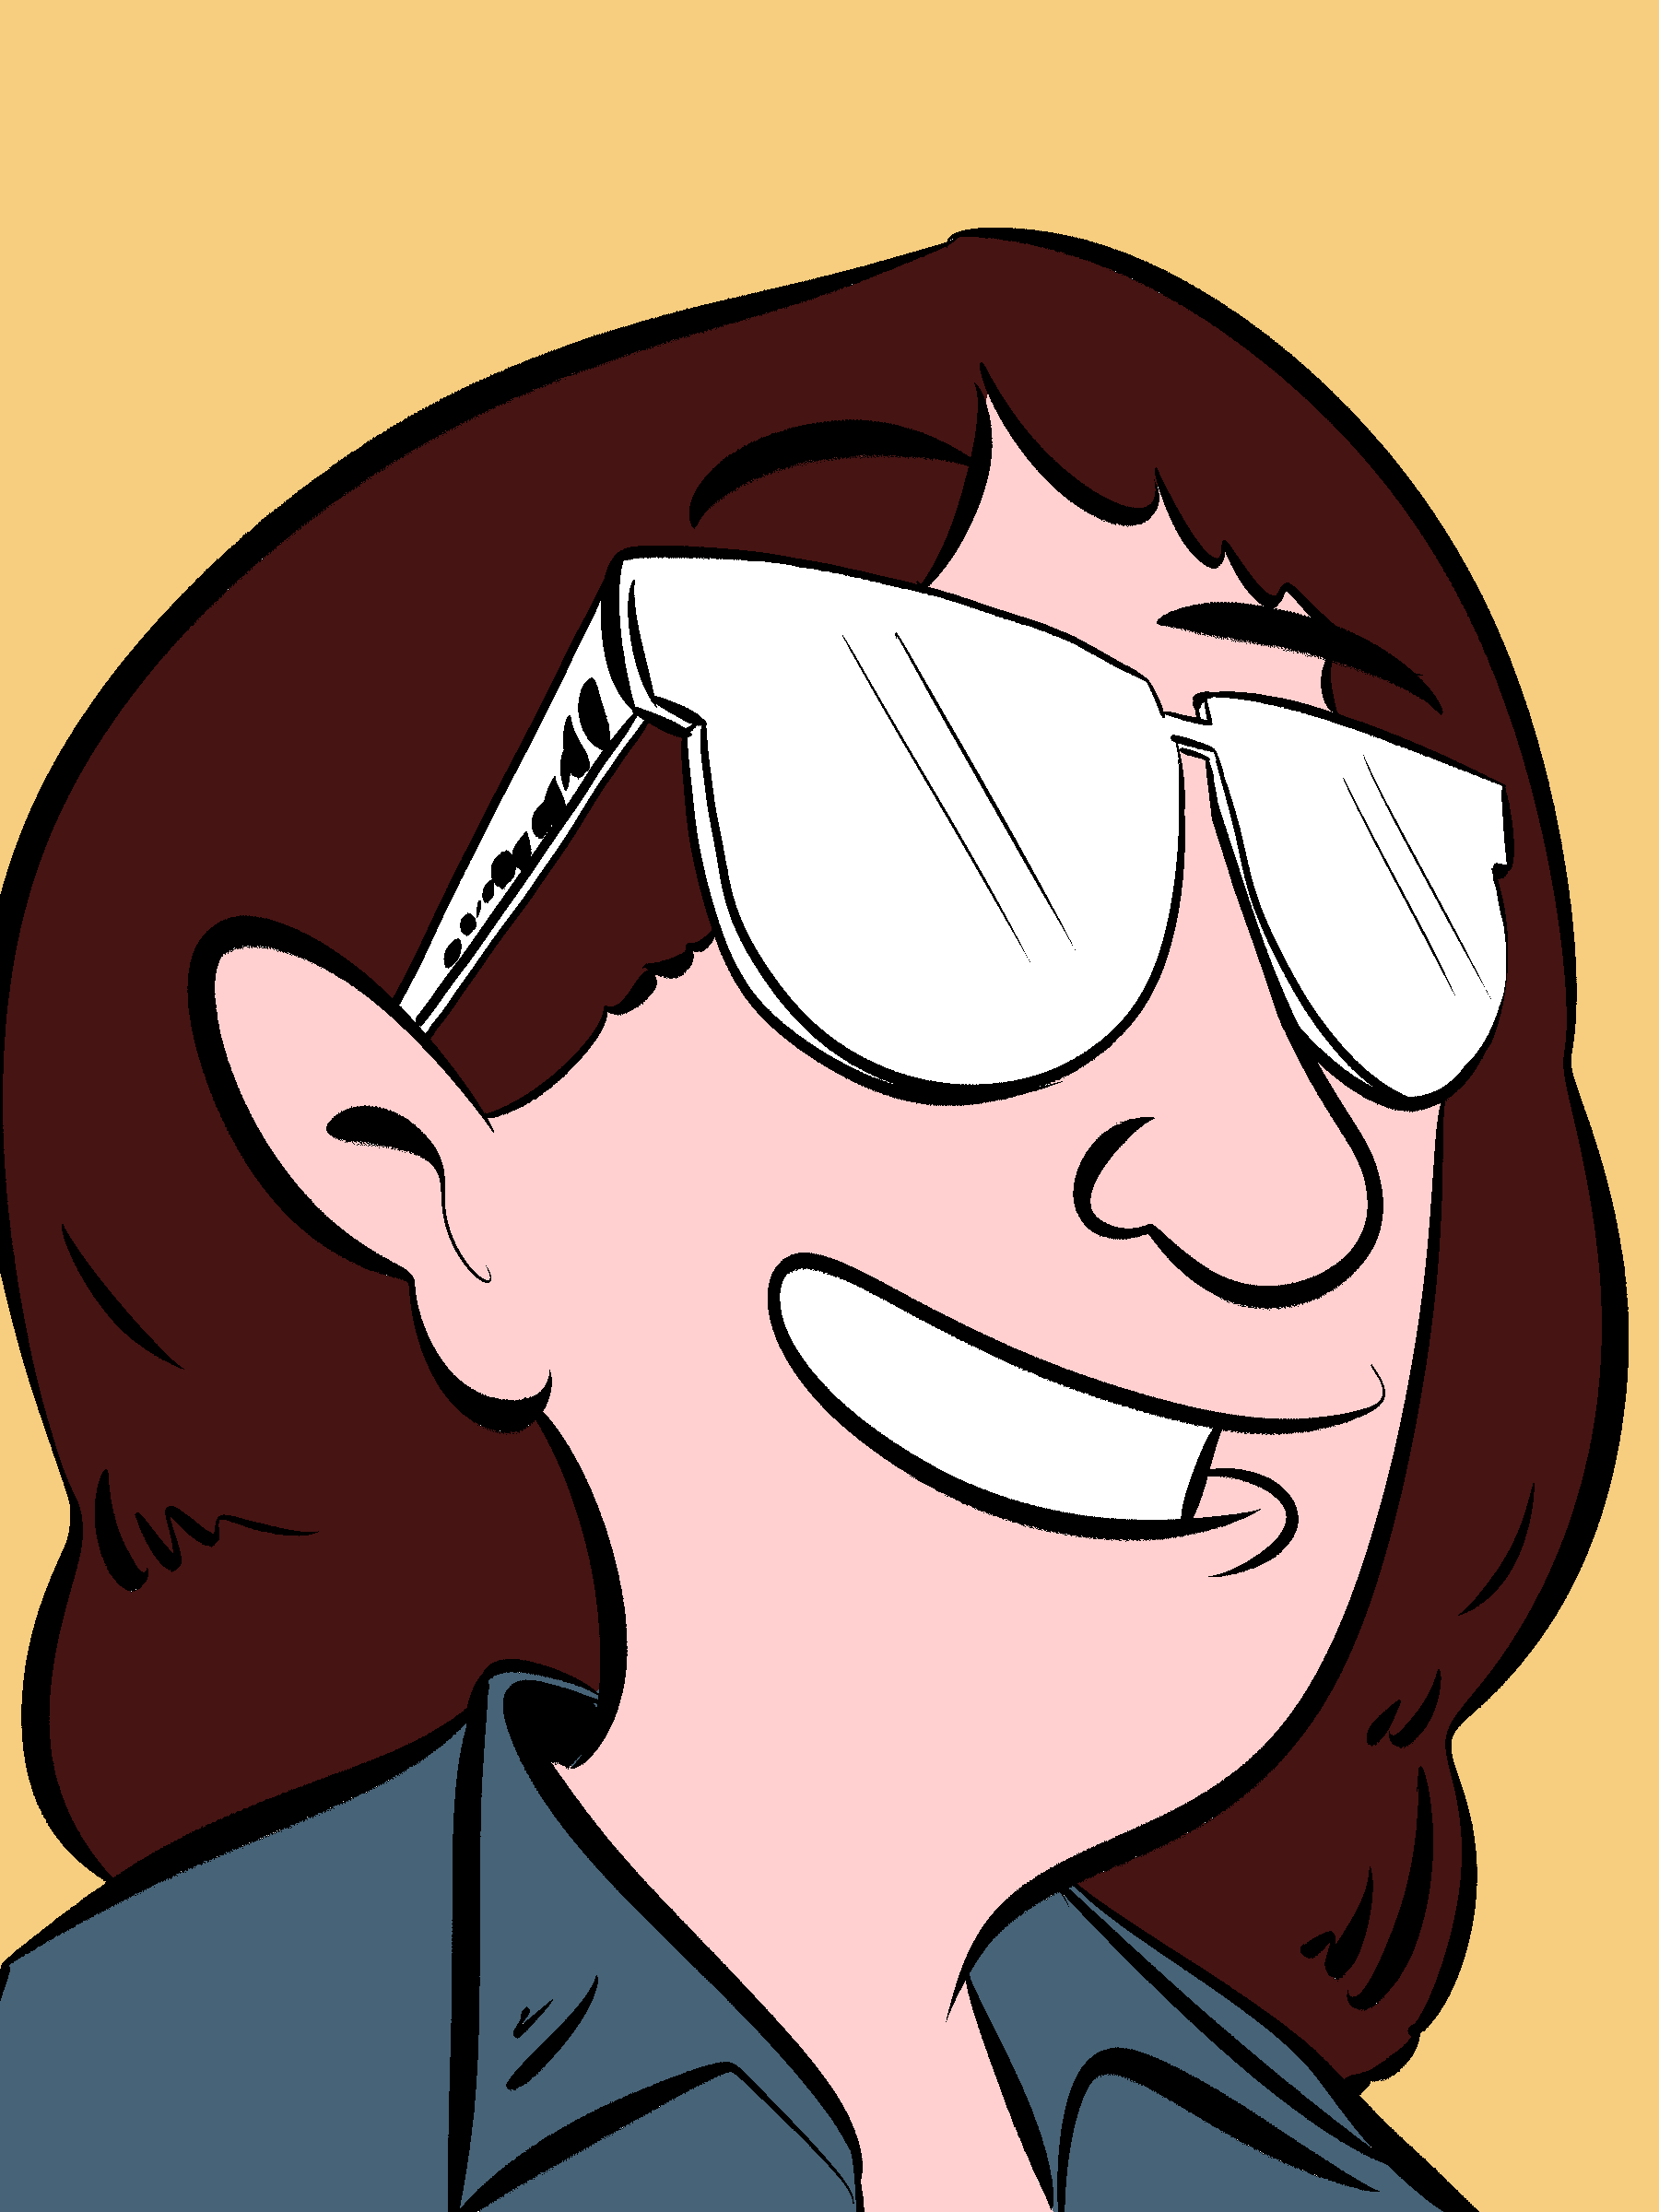 Dr. Kelly Weinersmith